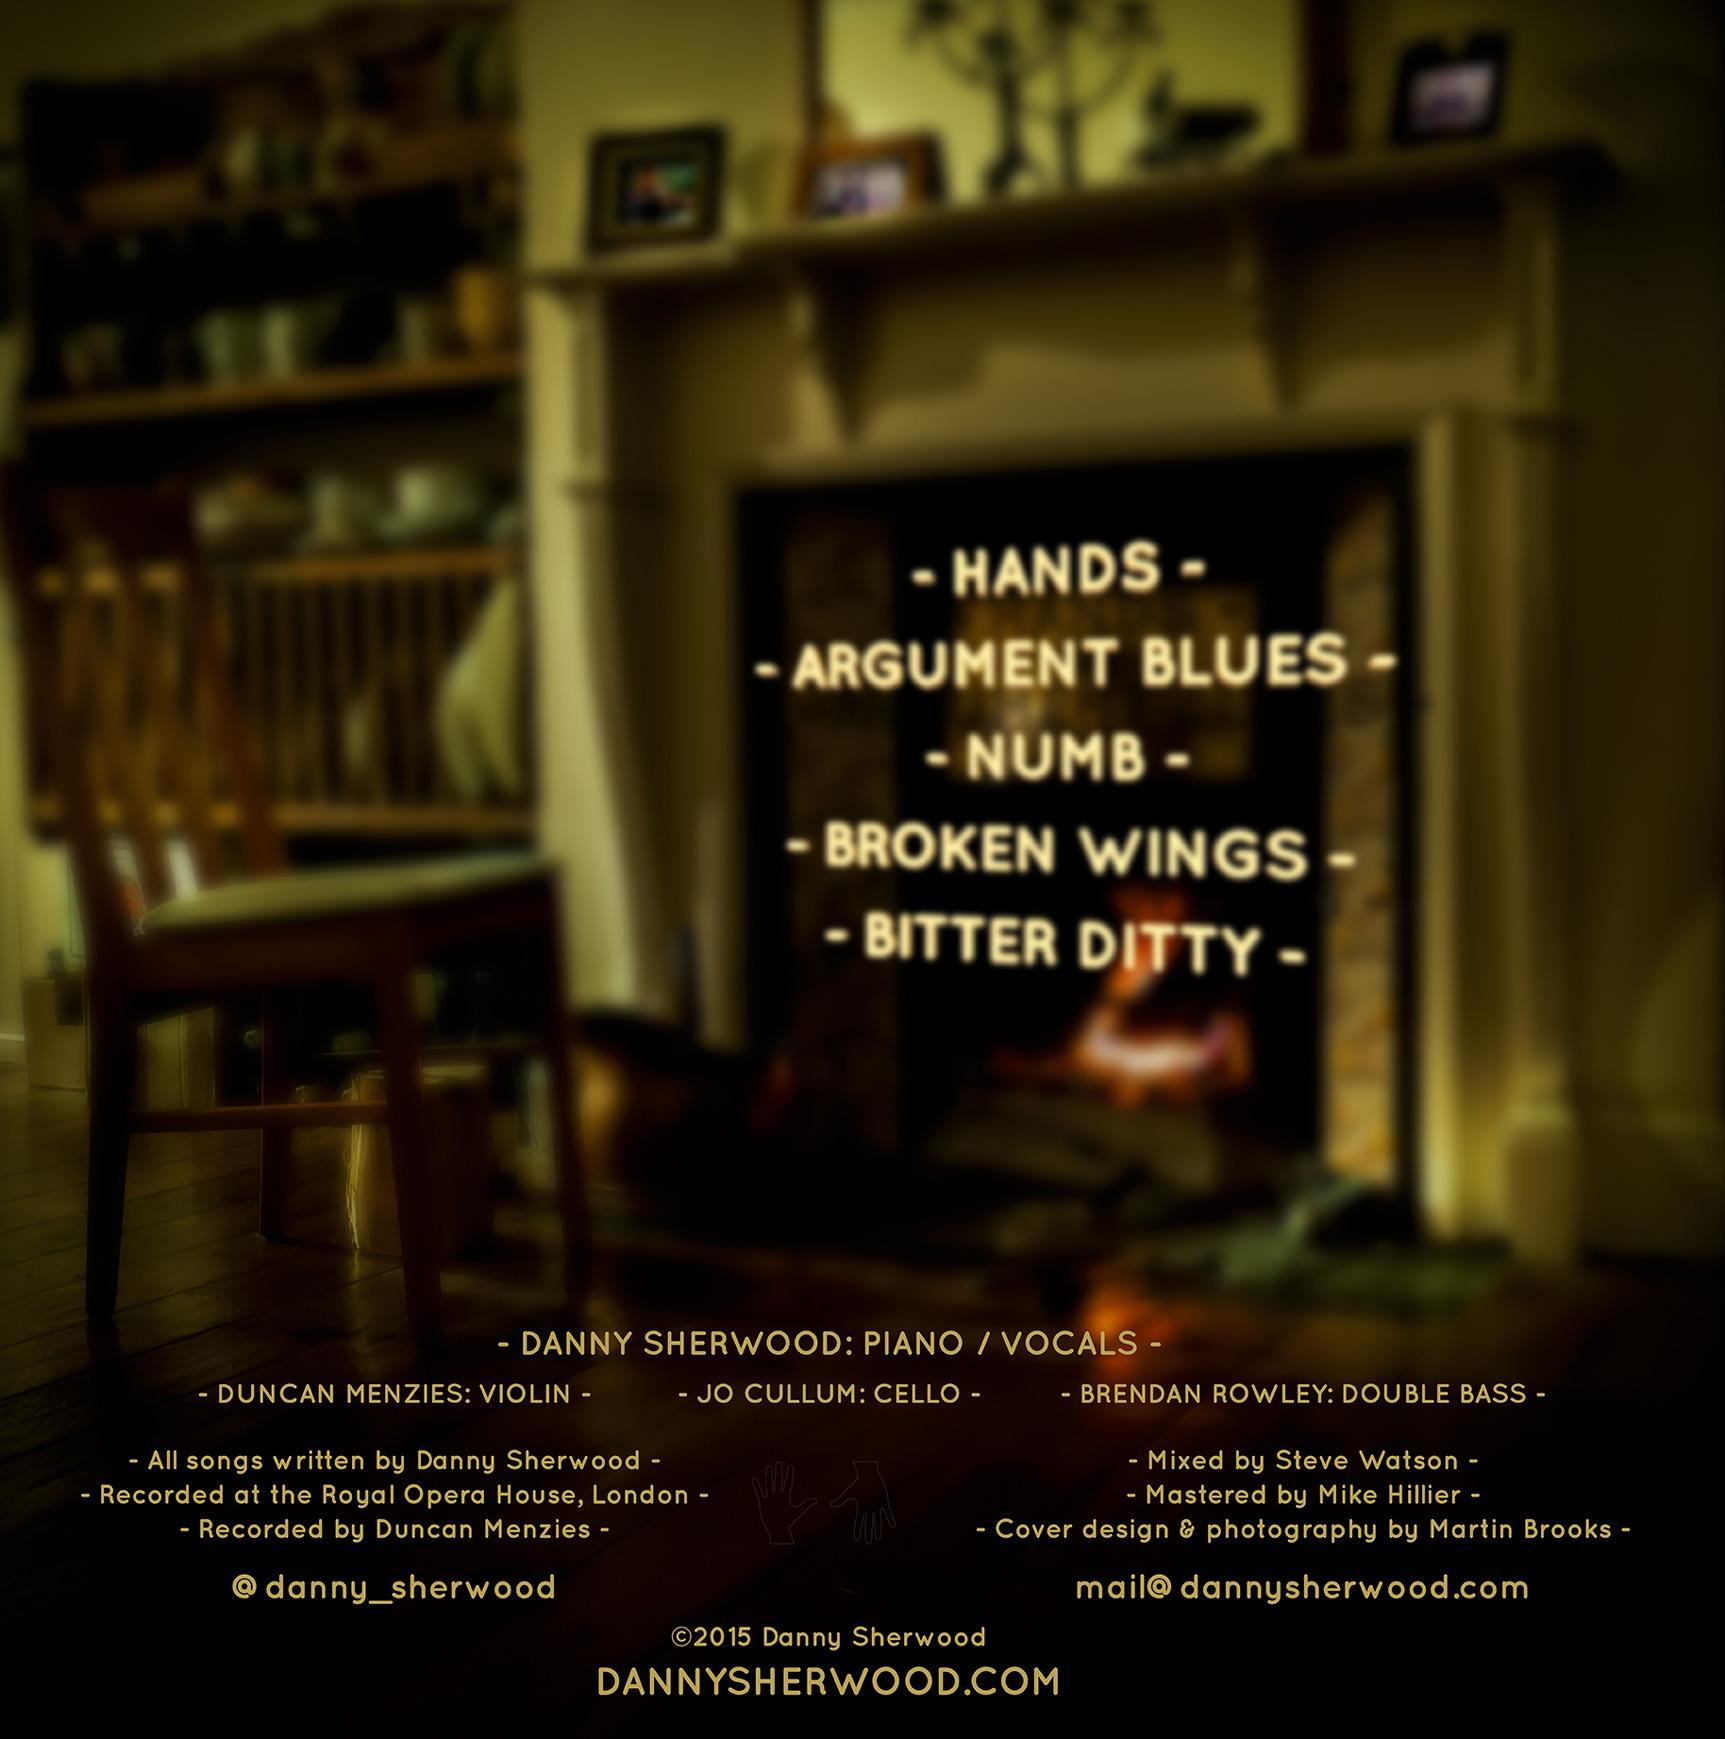 hands-back-cover_martinbrooks.jpg